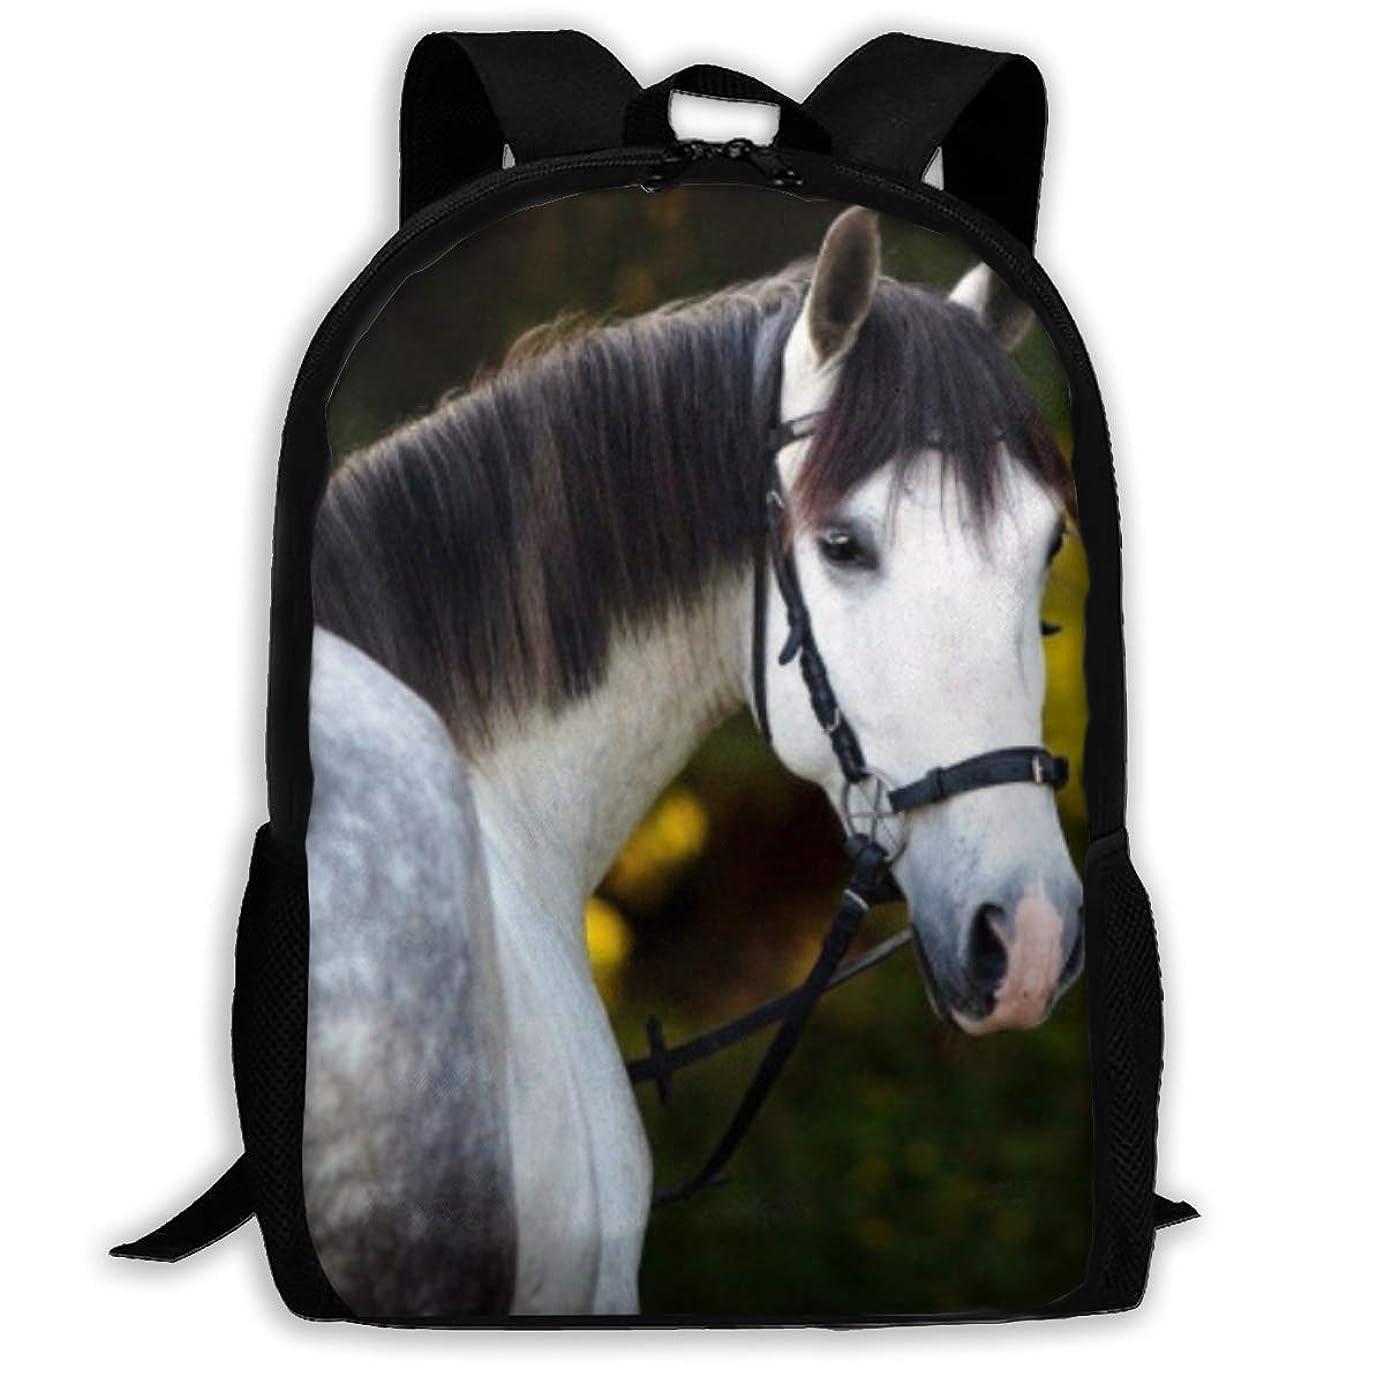 インド主人保持おしゃれ カジュアル 軽く Forest White Horse ショルダーバッグ 大容量 キッズ 通用する リュック 通学 旅行 運動 ランドセル Black